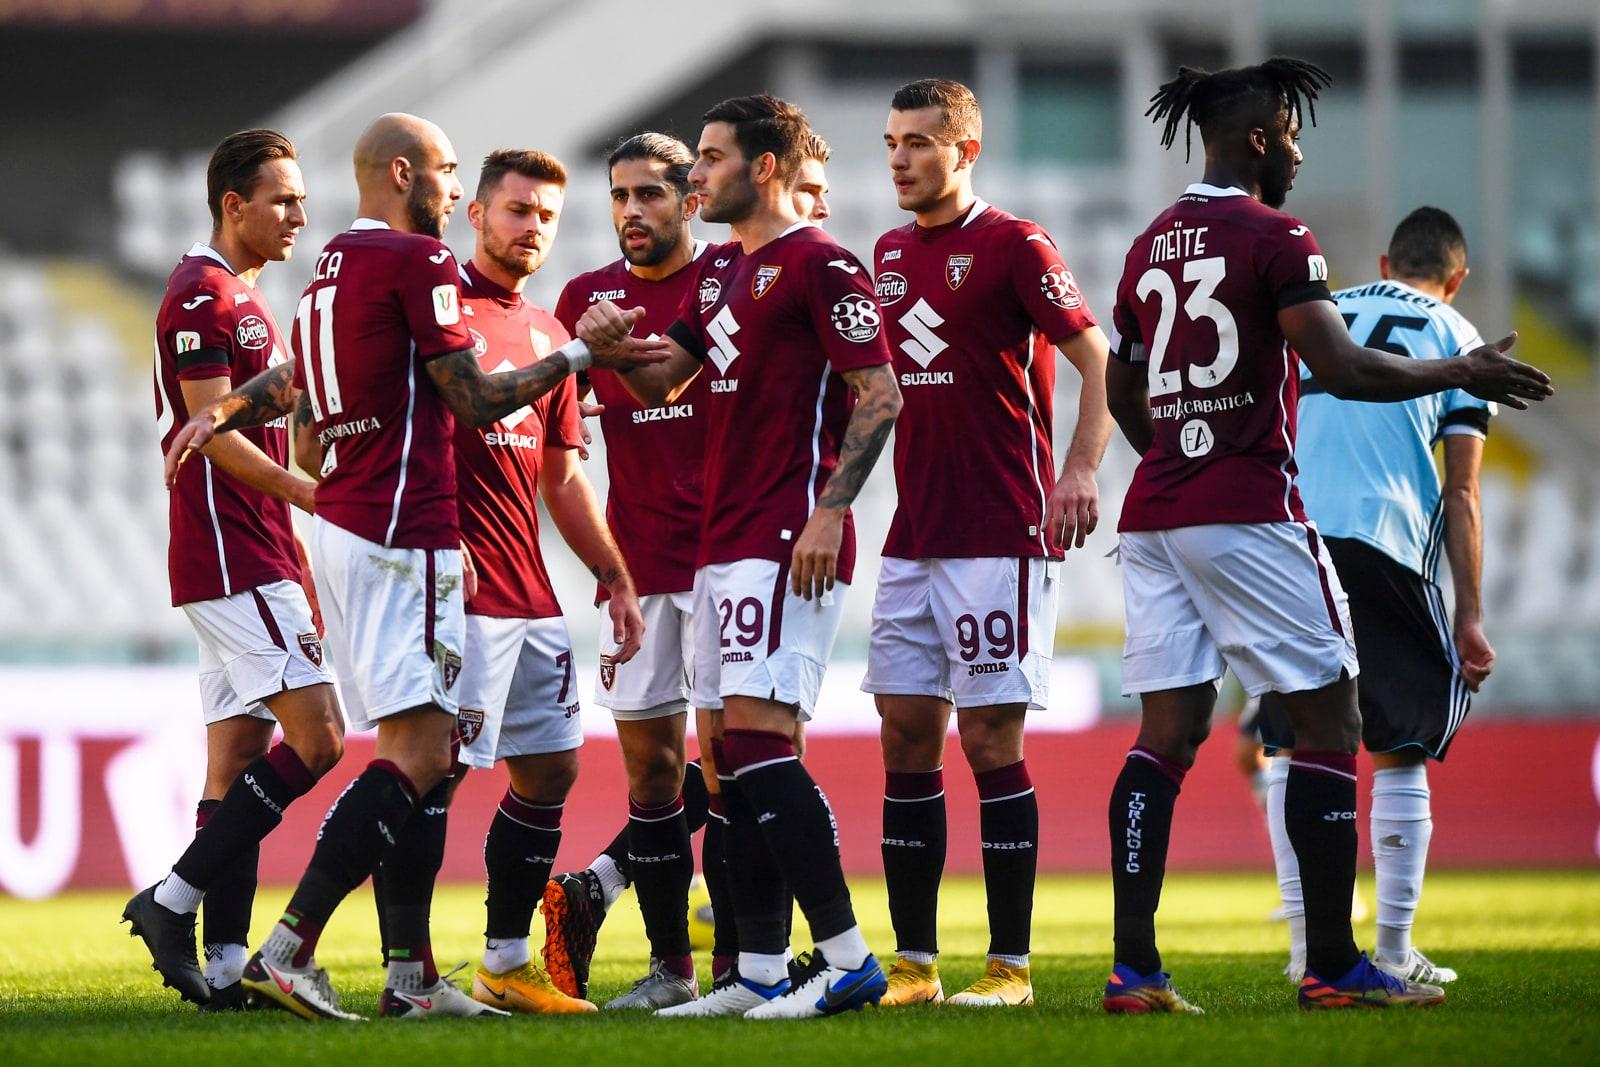 Il Torino vola agli ottavi di Coppa Italia con Zaza e Bonazzoli